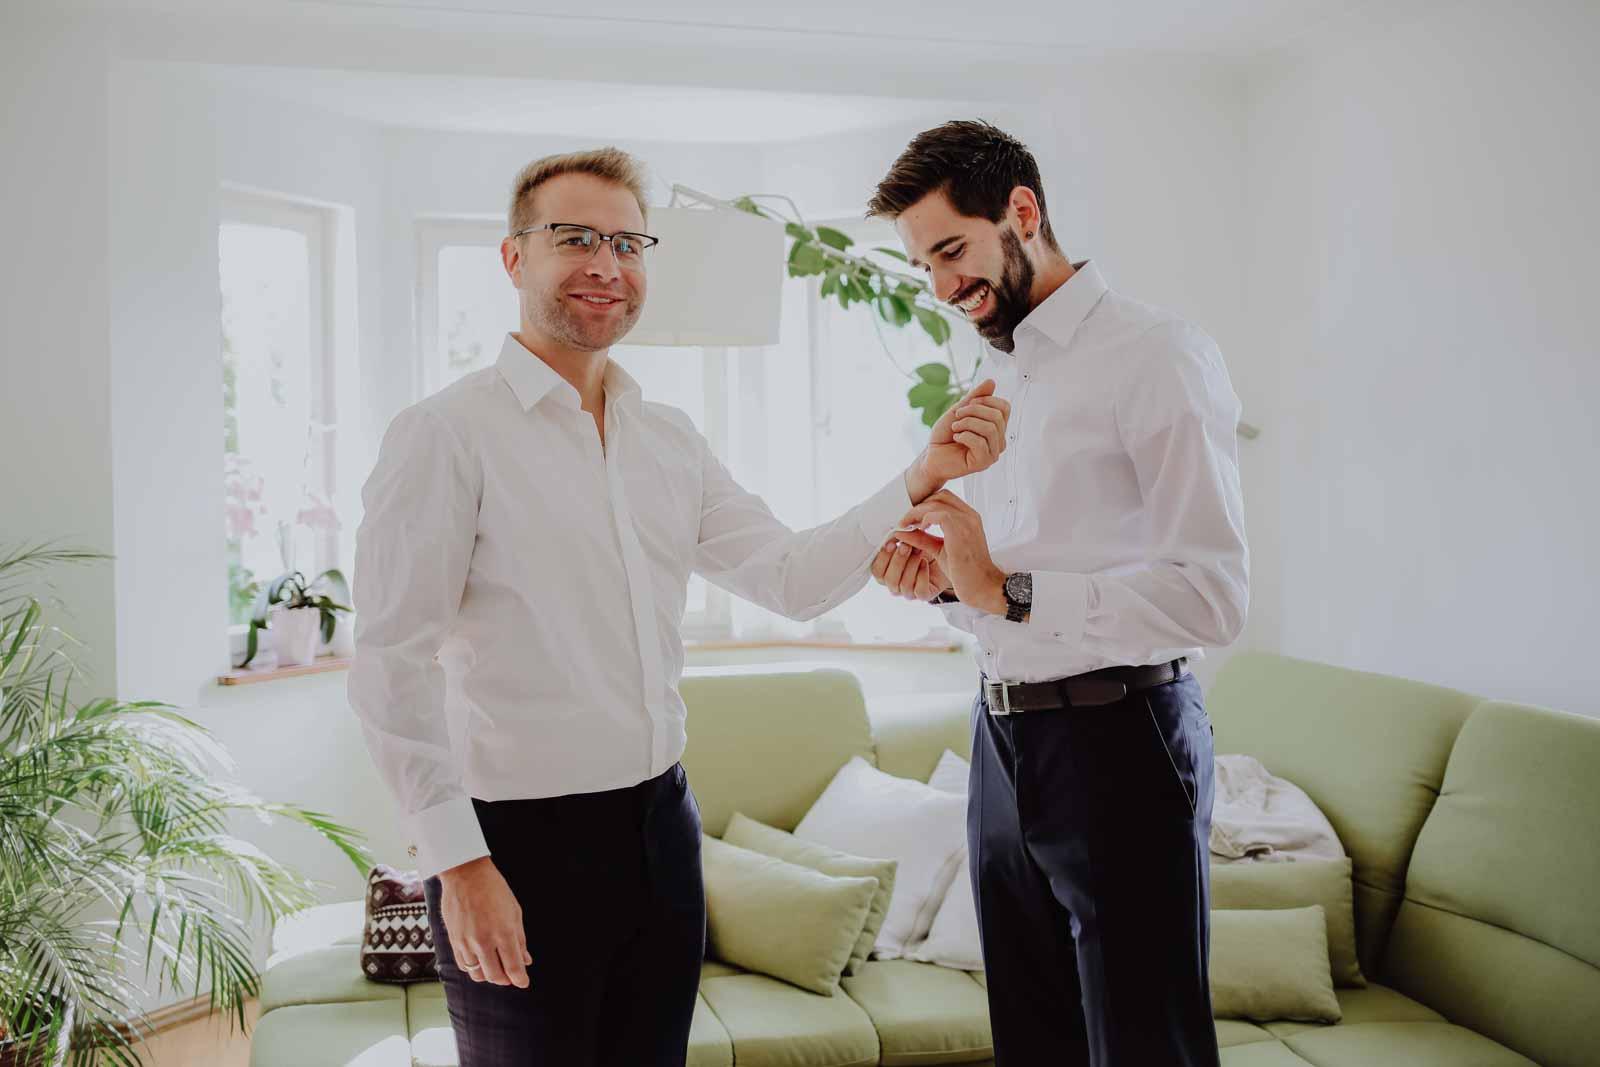 Zwei Männer stehen im Wohnzimmer